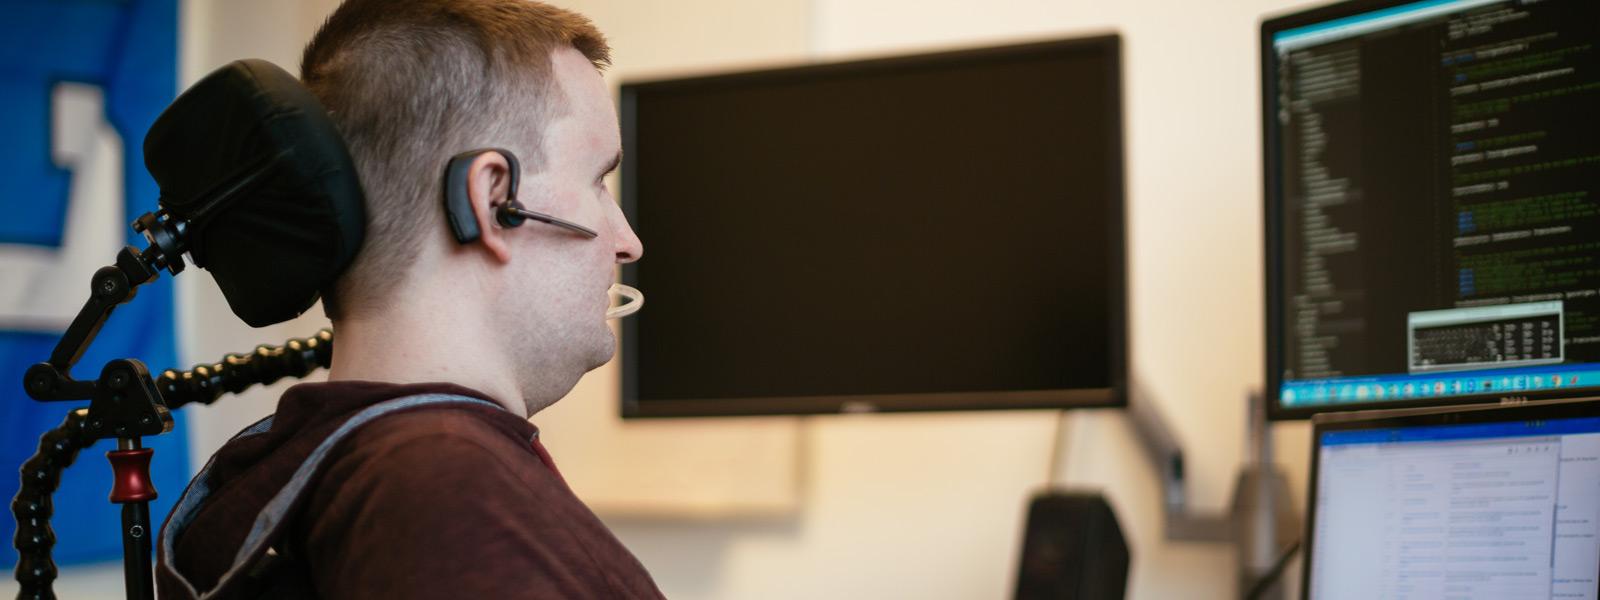 Uomo alla scrivania che utilizza una tecnologia di assistenza hardware per utilizzare un computer Windows 10 con il controllo ottico